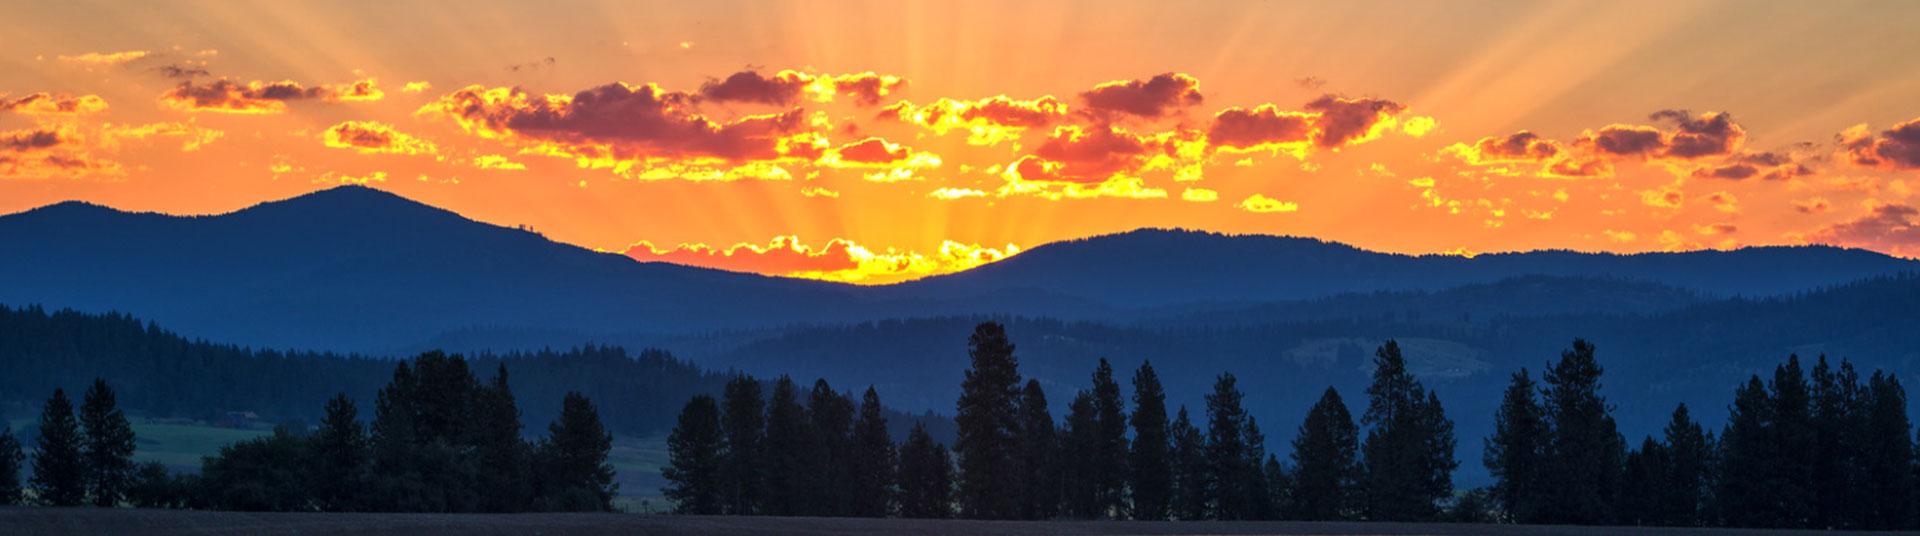 hero image - sunrise over mountains